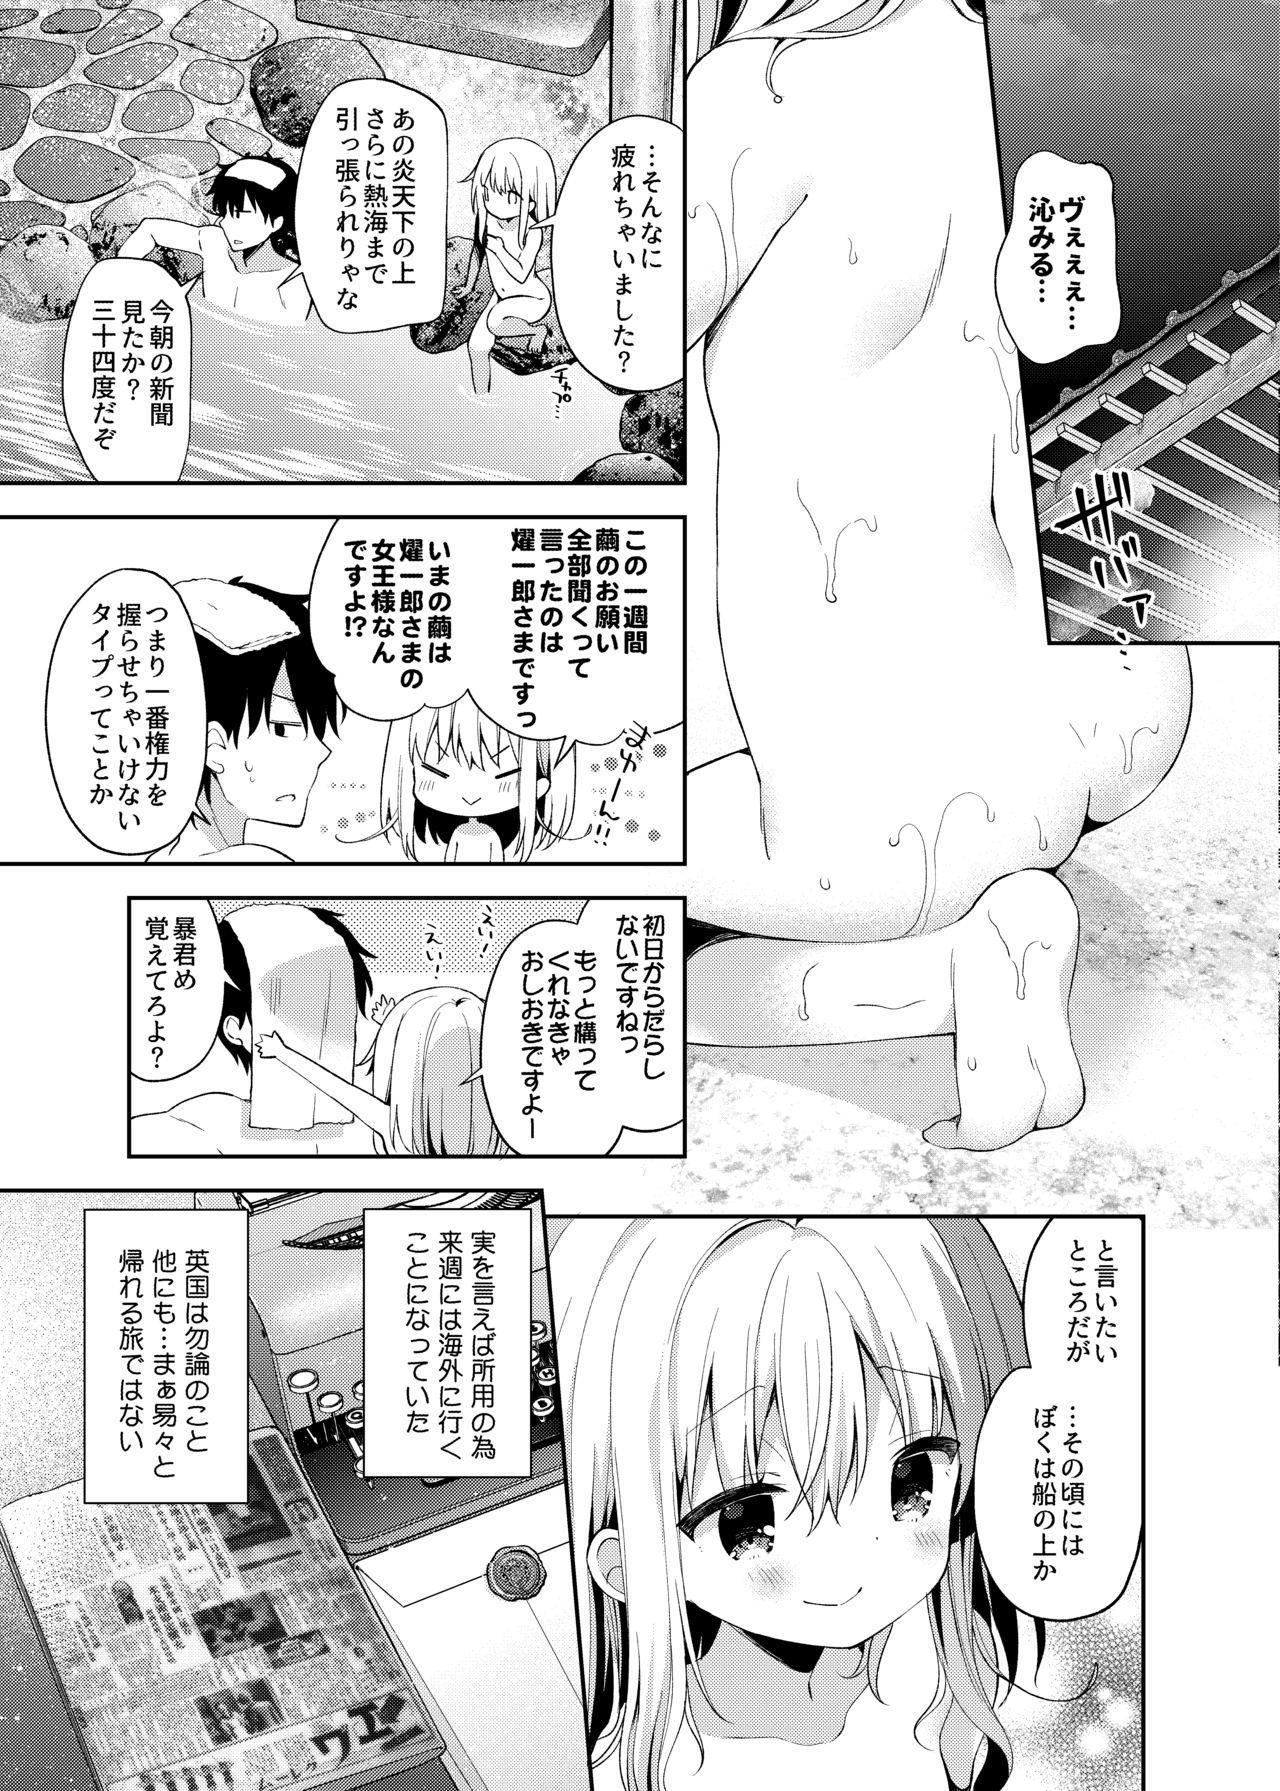 Onnanoko no Mayu Soushuuhen 01 132